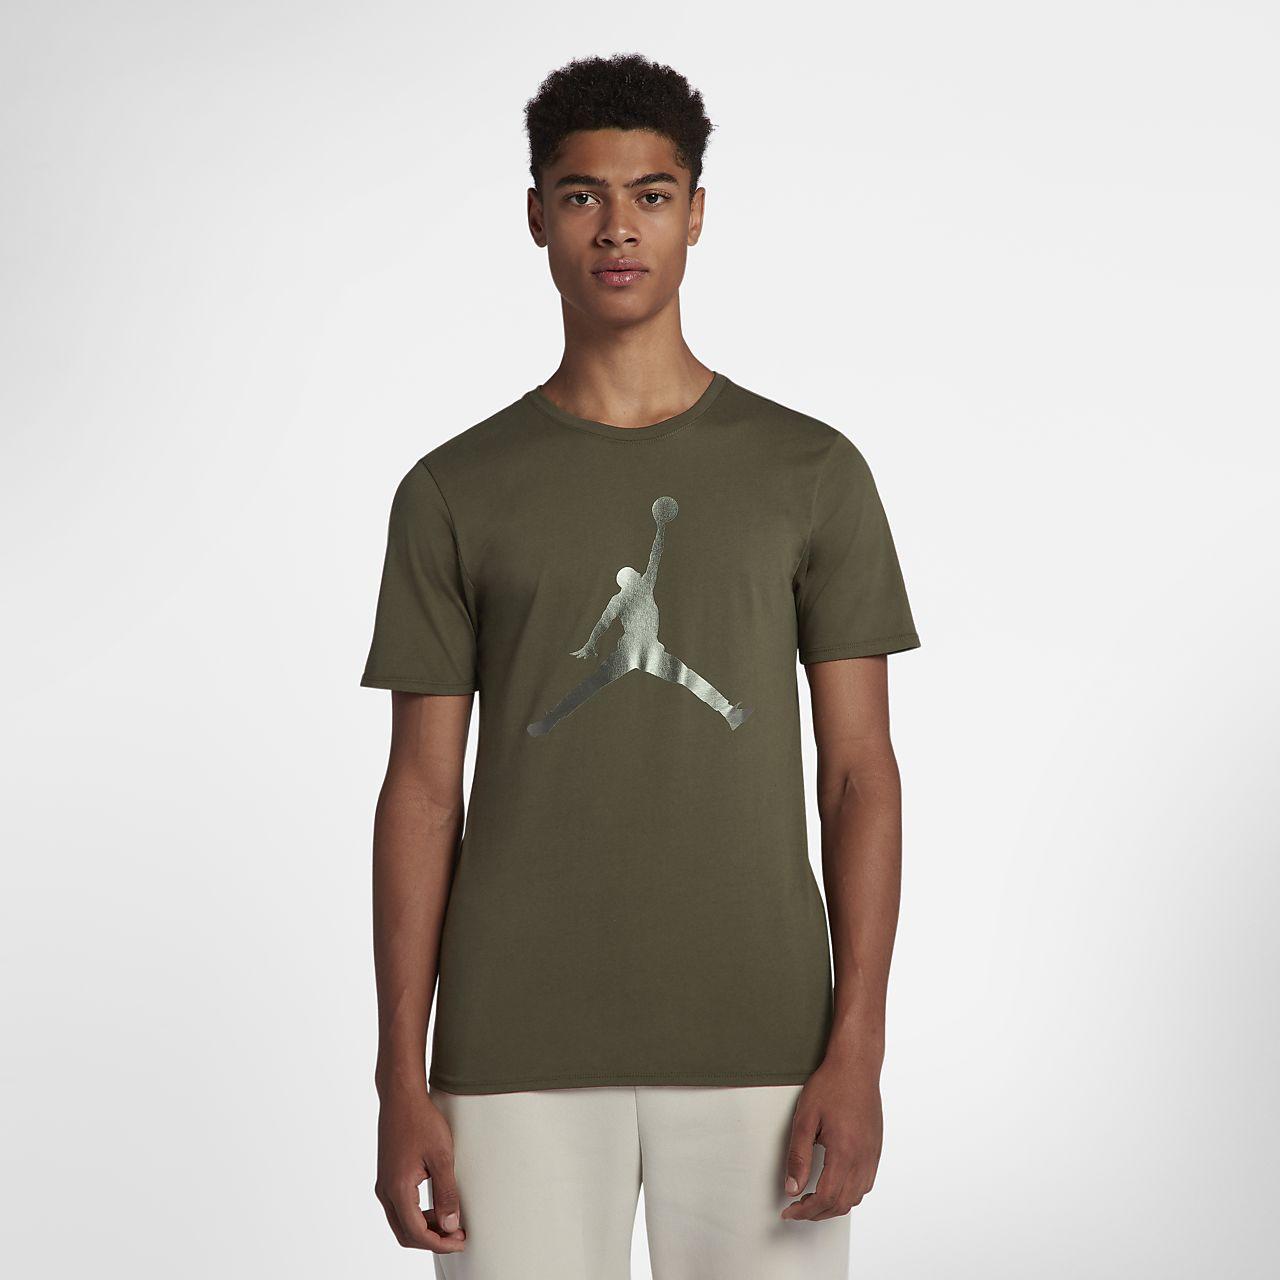 6b1de8318fa6b8 Jordan Lifestyle Iconic Jumpman Men s T-Shirt. Nike.com BG